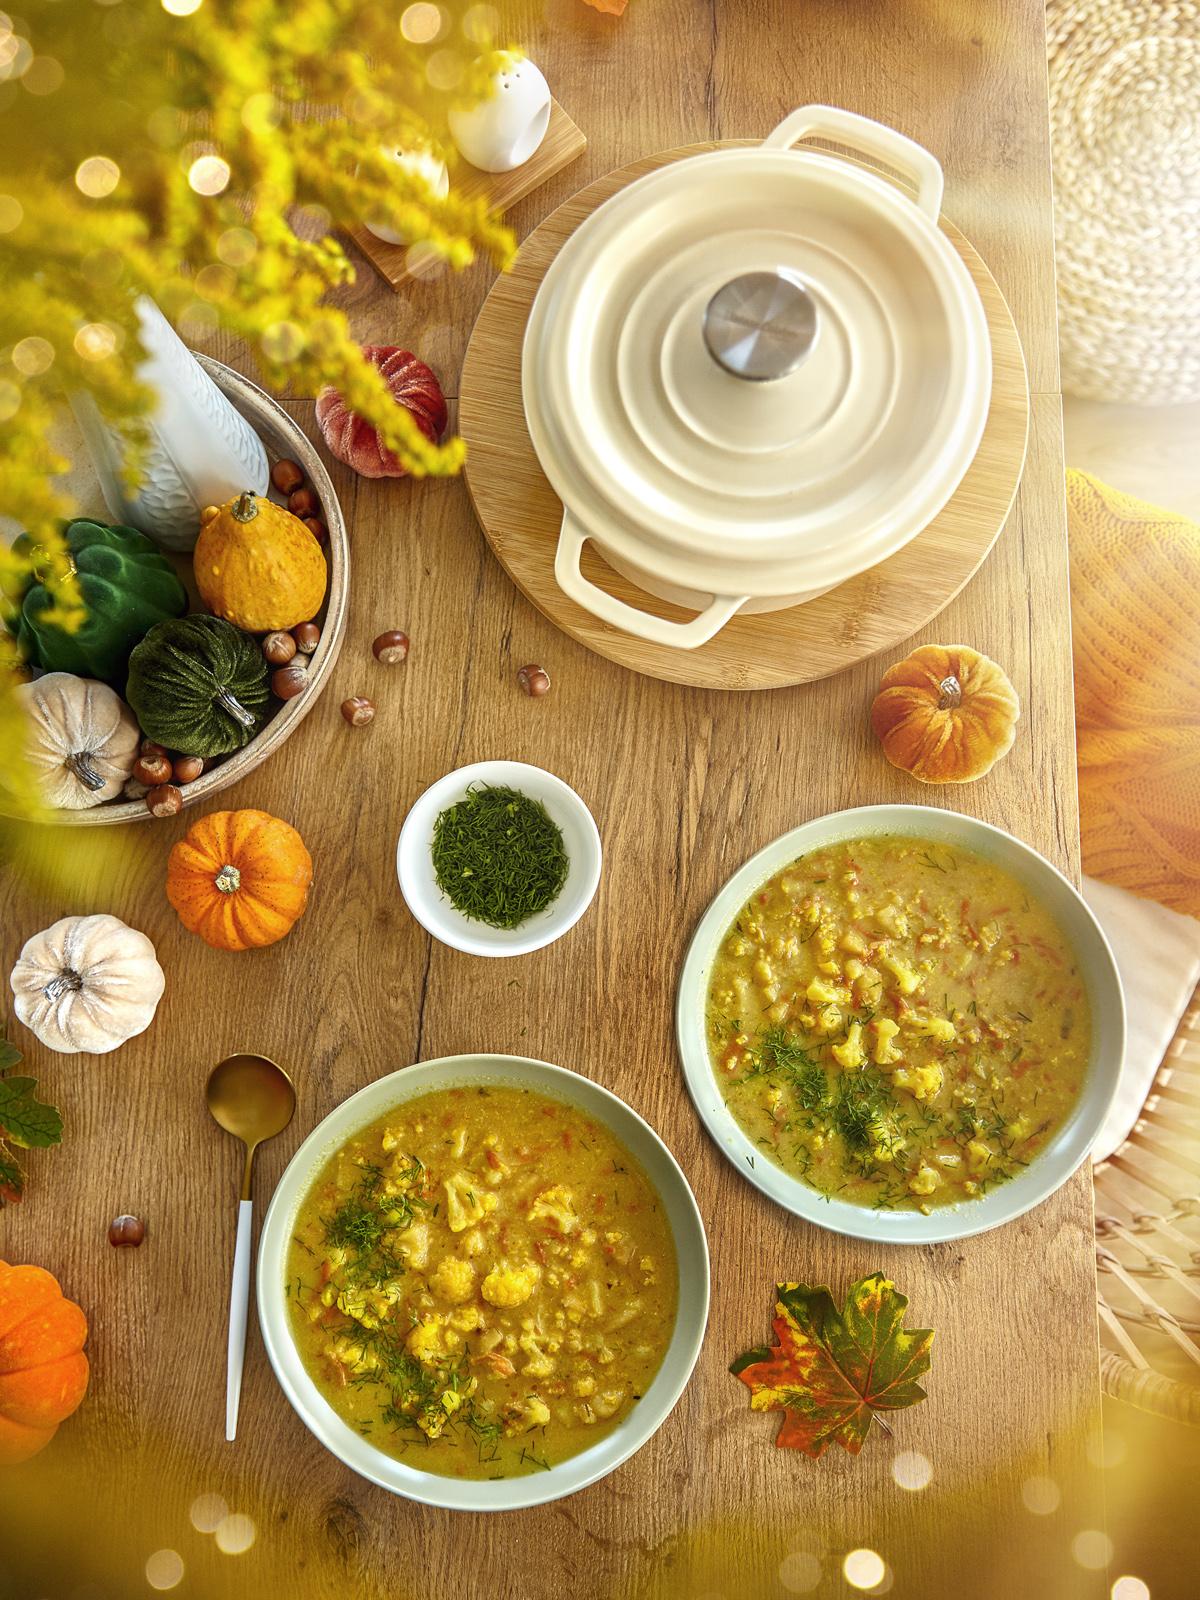 zupa kalafiorowa, zupa rozgrzewająca, kraina miodem płynąca, zupa z kaszą jaglaną